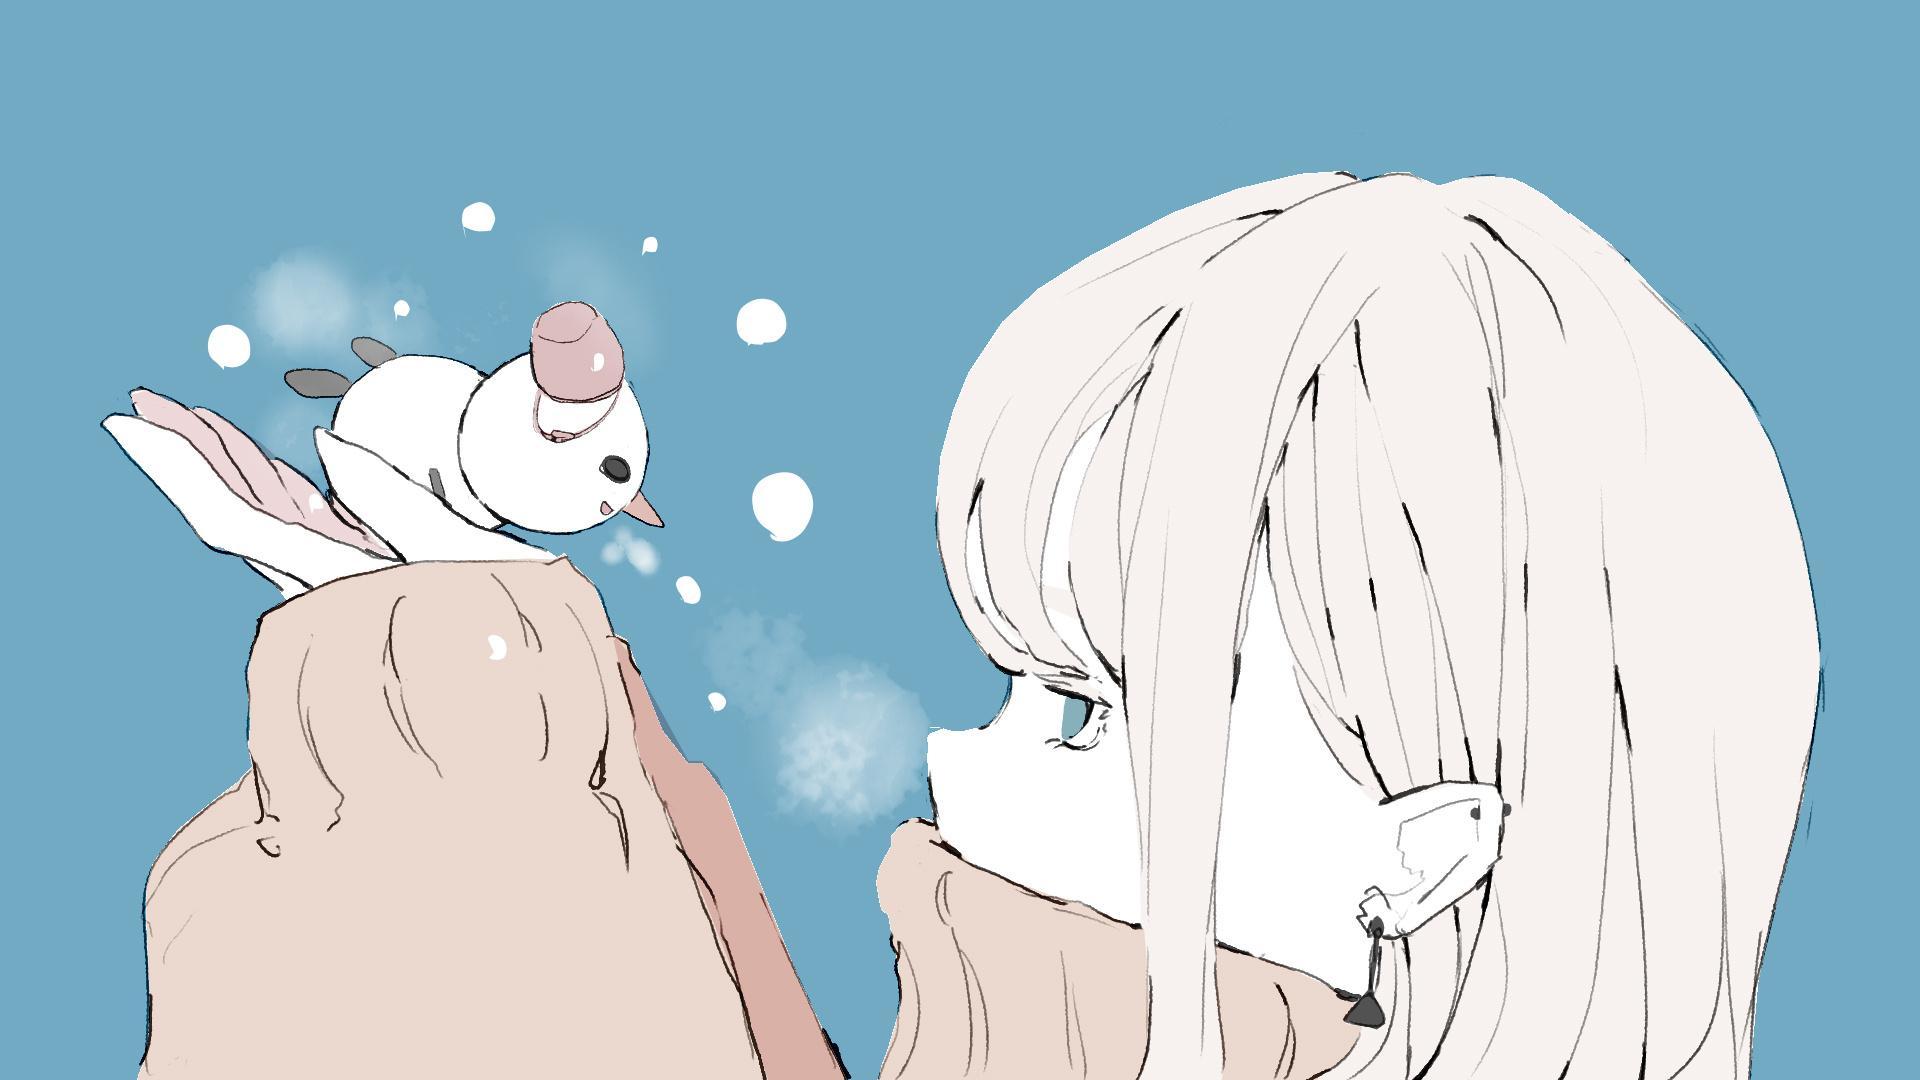 【P站美图】日本画师ノーコピーライトガール插画作品